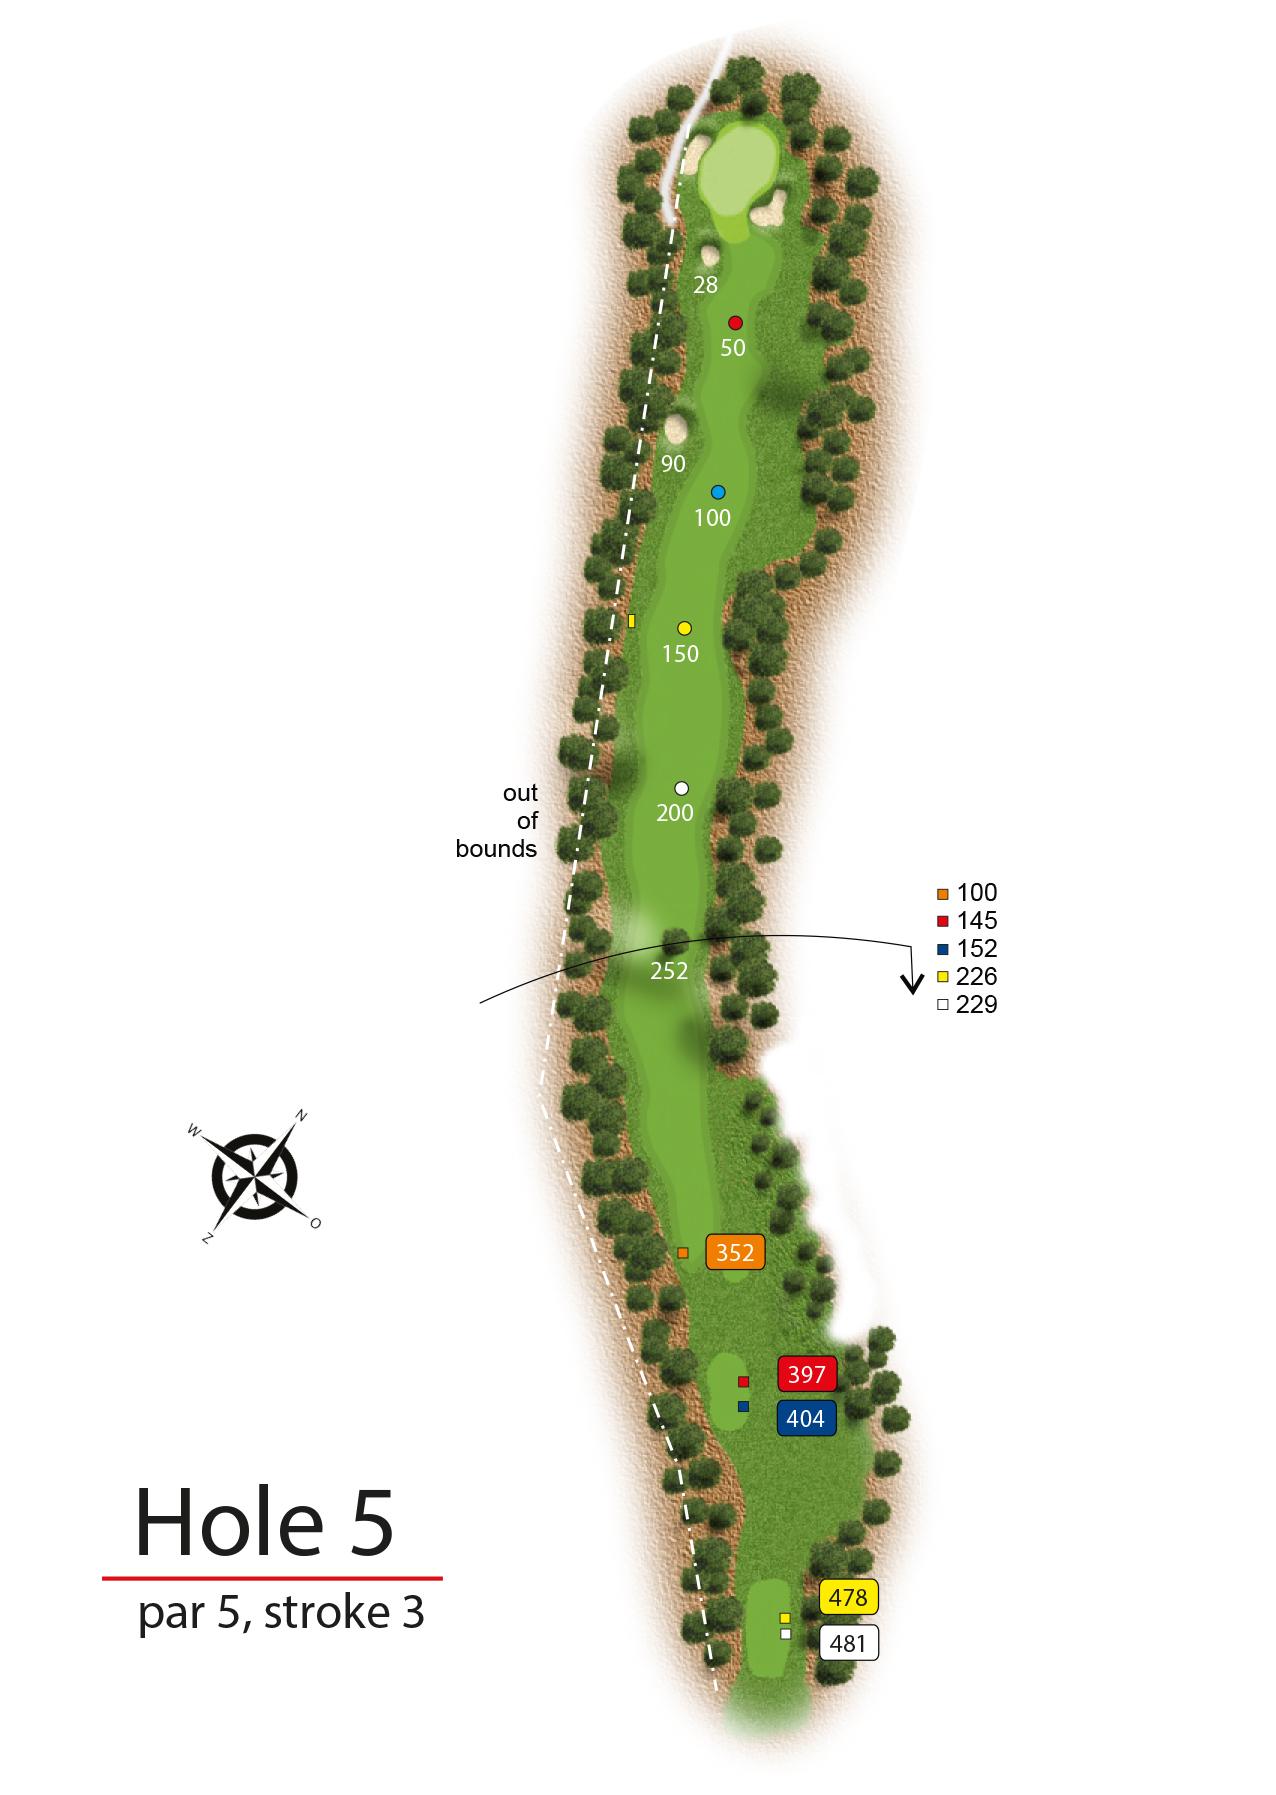 Hole 5 - simple